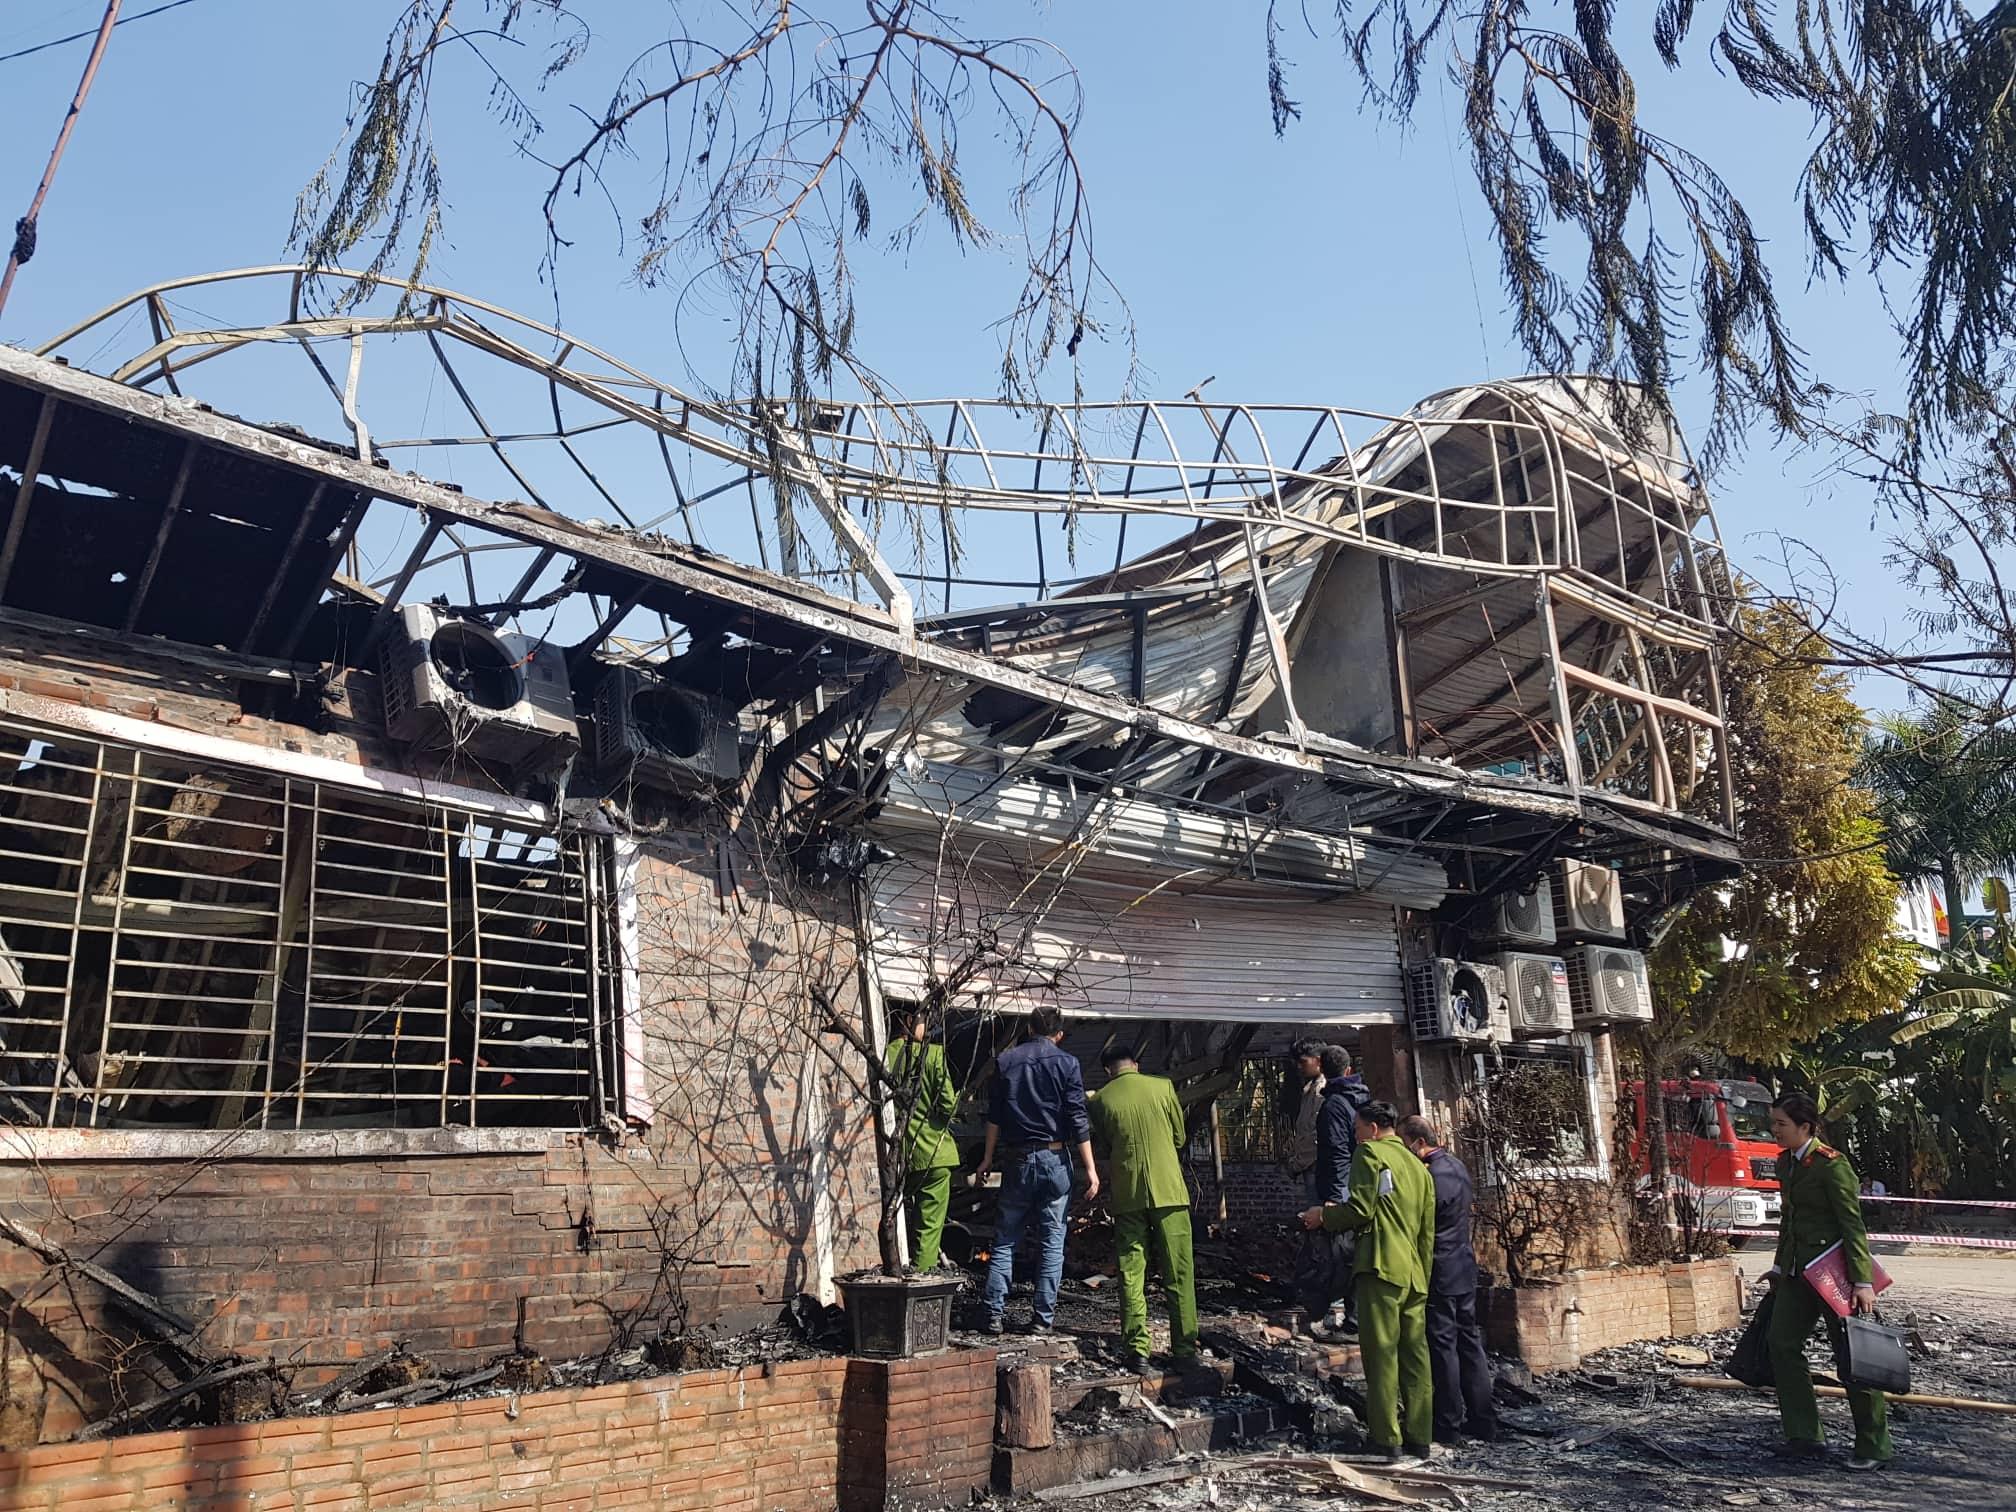 Khung cảnh tan hoang tại hiện trường vụ cháy nhà hàng 4 người chết ở Vĩnh Phúc - Ảnh 7